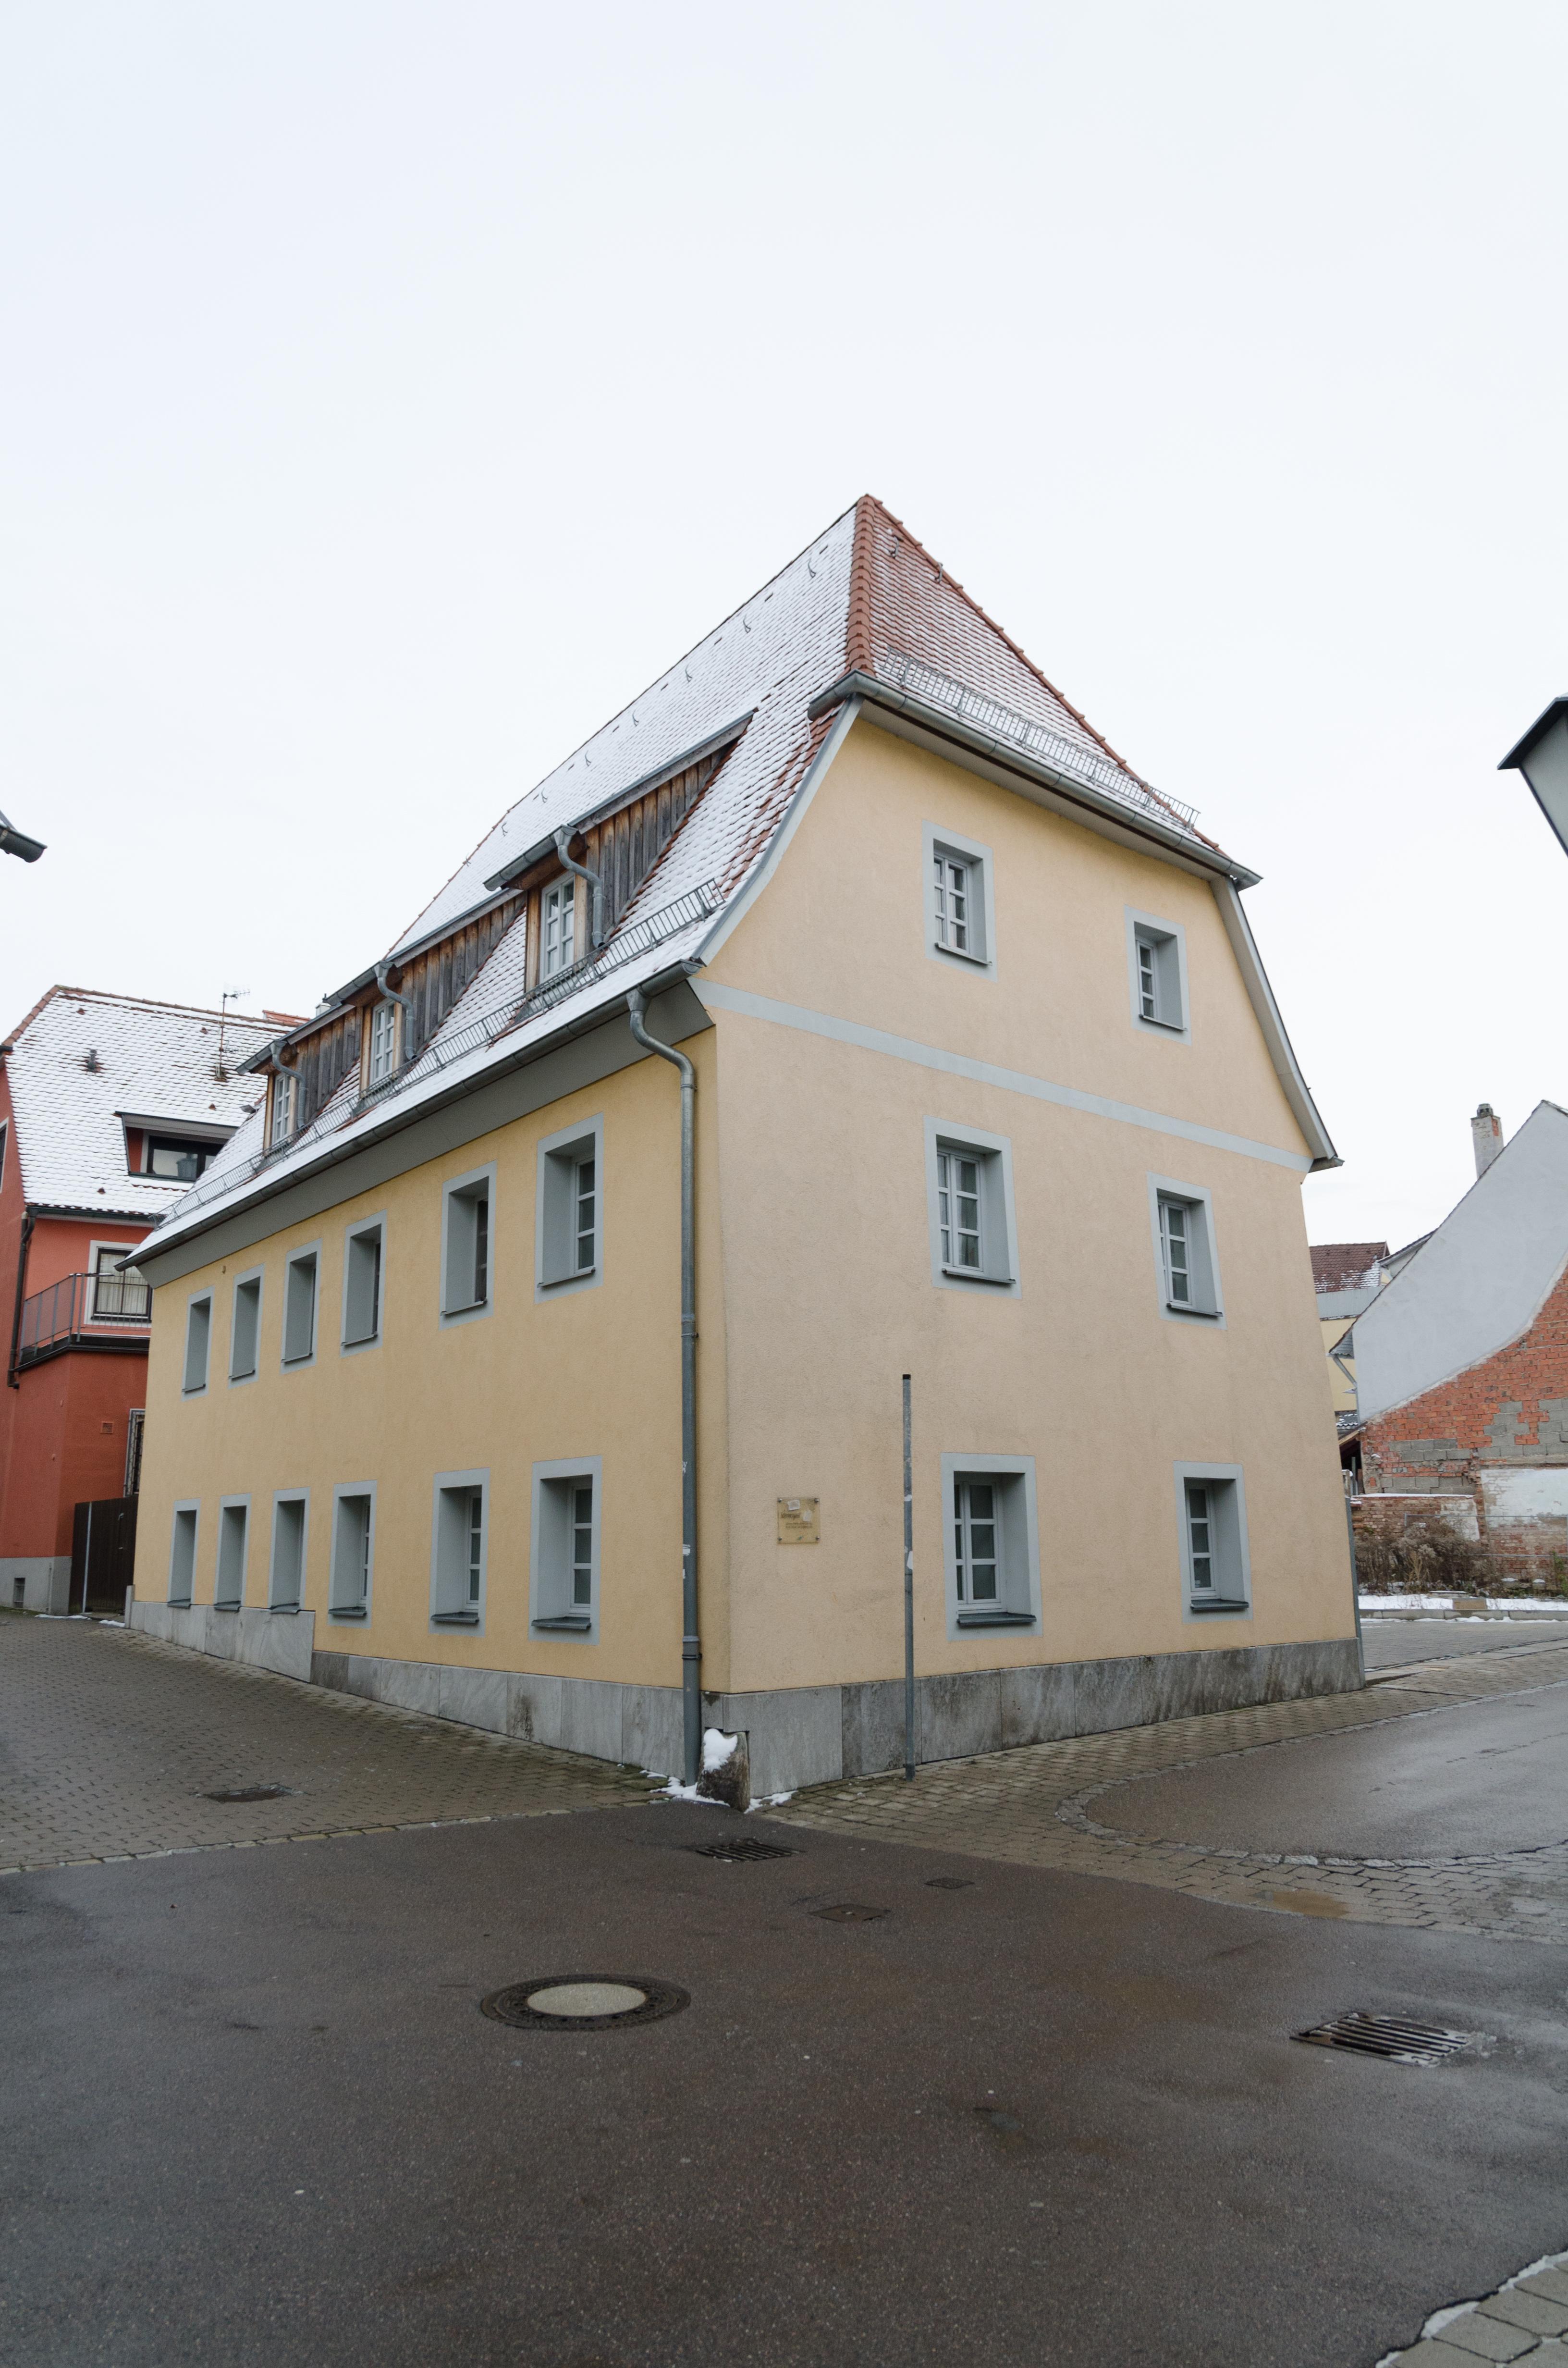 single bad windsheim Hanau